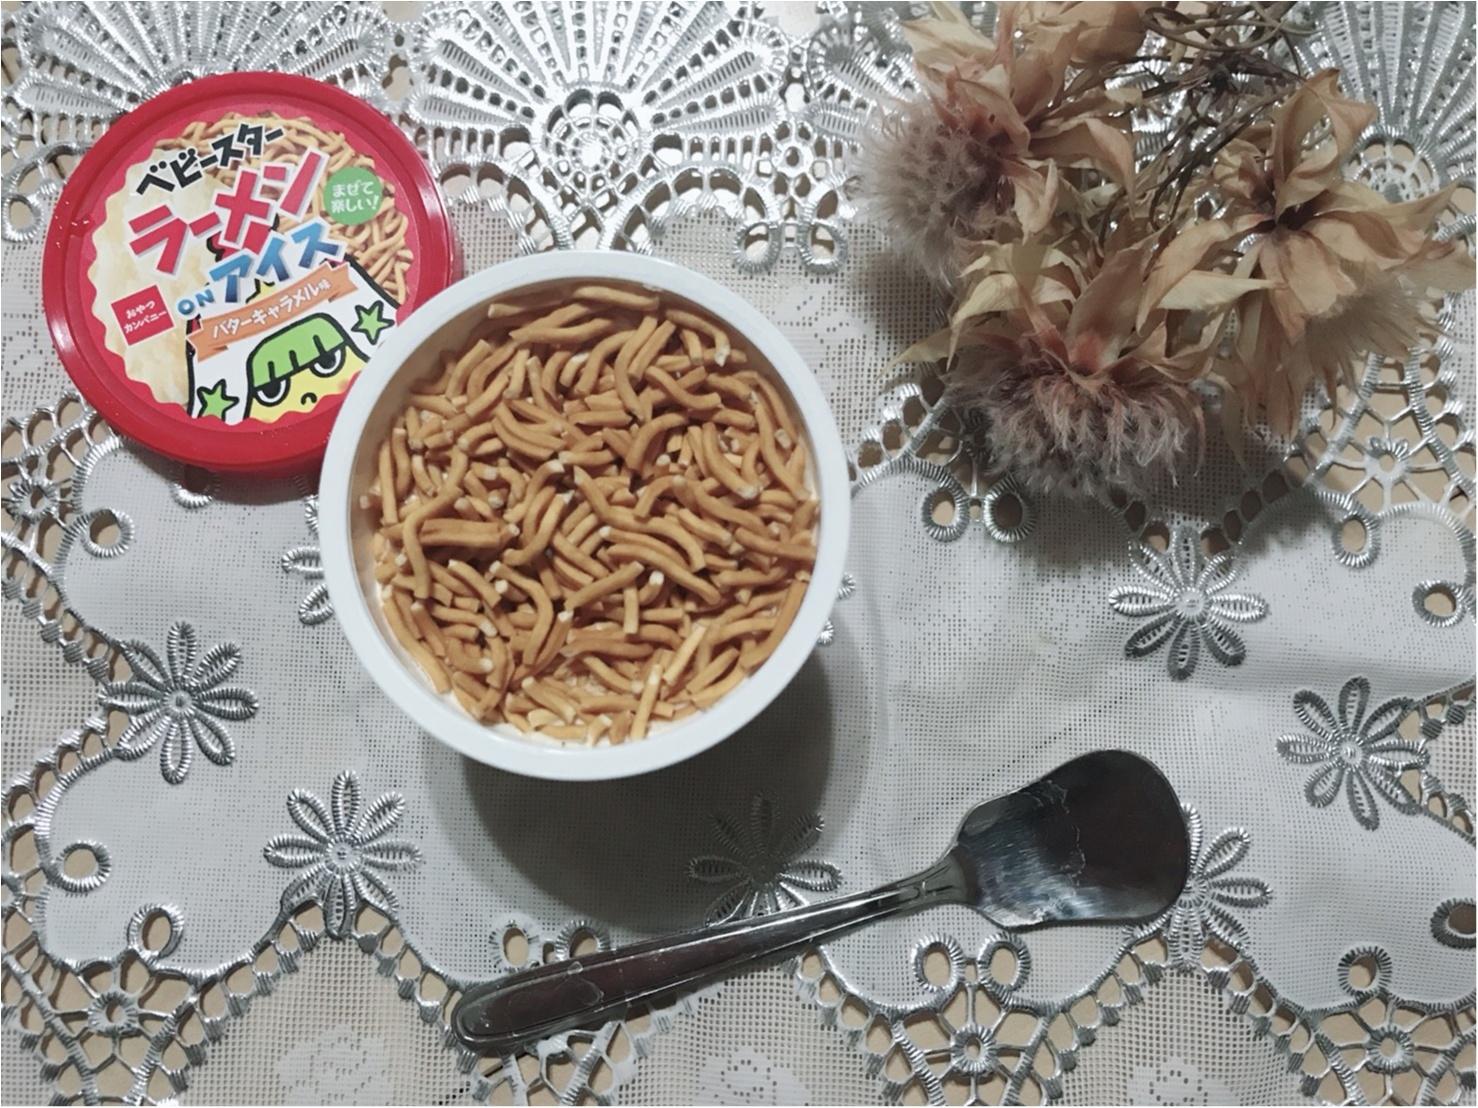 「私は何を食べているんだ?」話題の衝撃作 #ベビースターラーメンonアイス 実食レビュー!あり?なし?_2